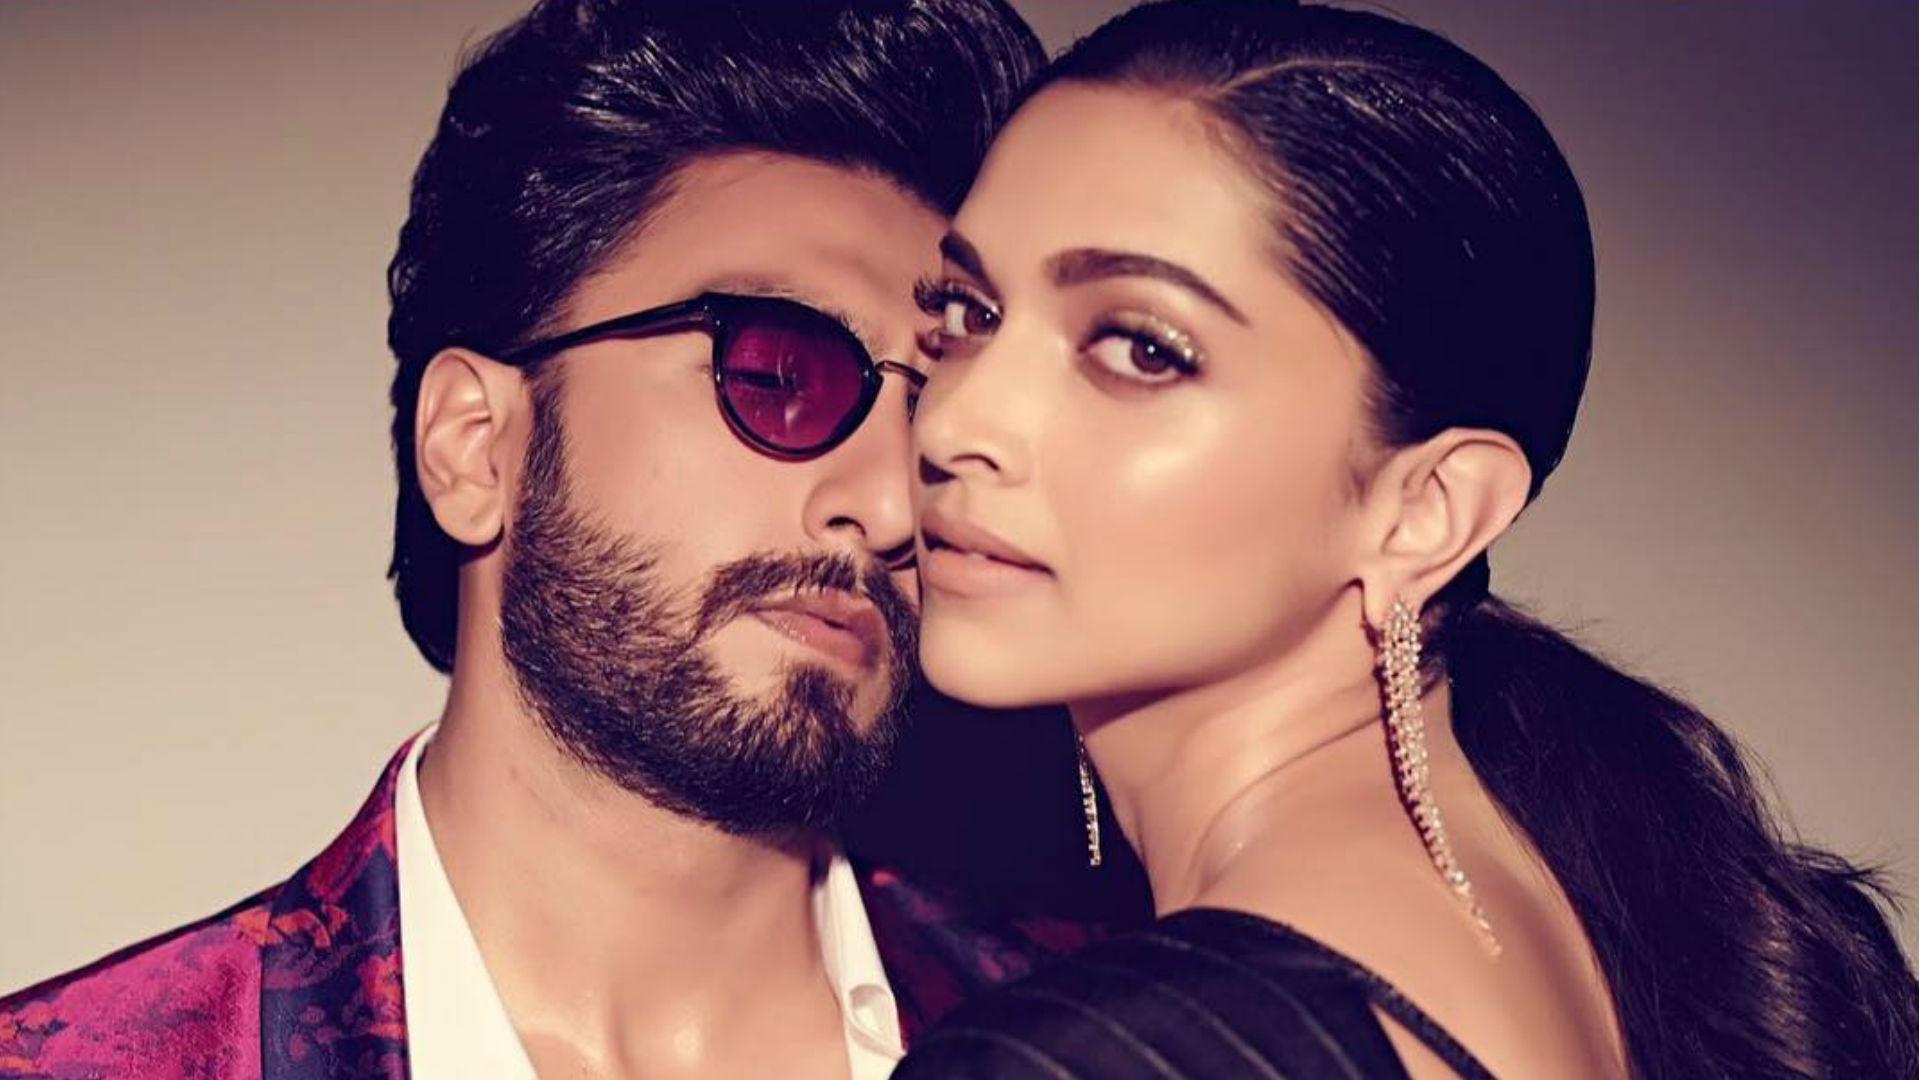 Ranveer Singh Video: जब रणवीर ने दीपिका को सबके सामने कहाआय लव यू टू!, वीडियो सोशल मीडिया पर हो रह है वायरल